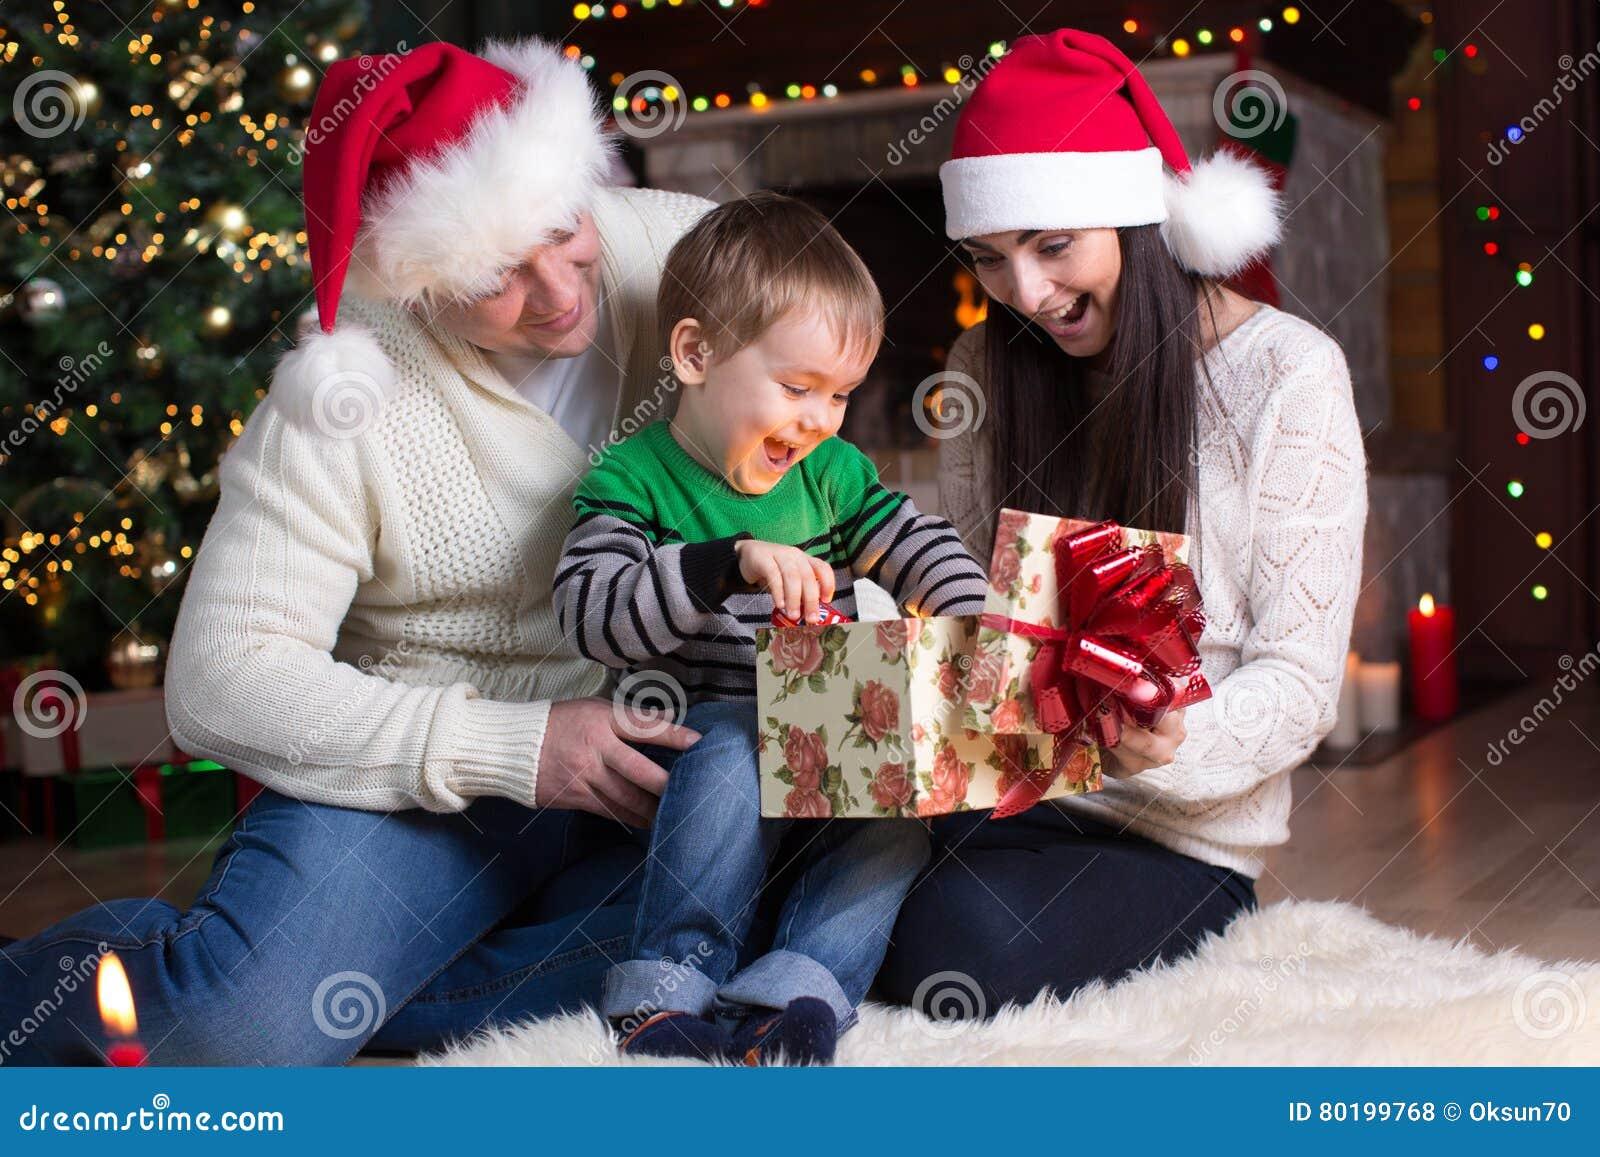 Regalos navidad padre padre que da a su hijo al regalo de navidad fotos de archivo libres de - Regalo padre navidad ...